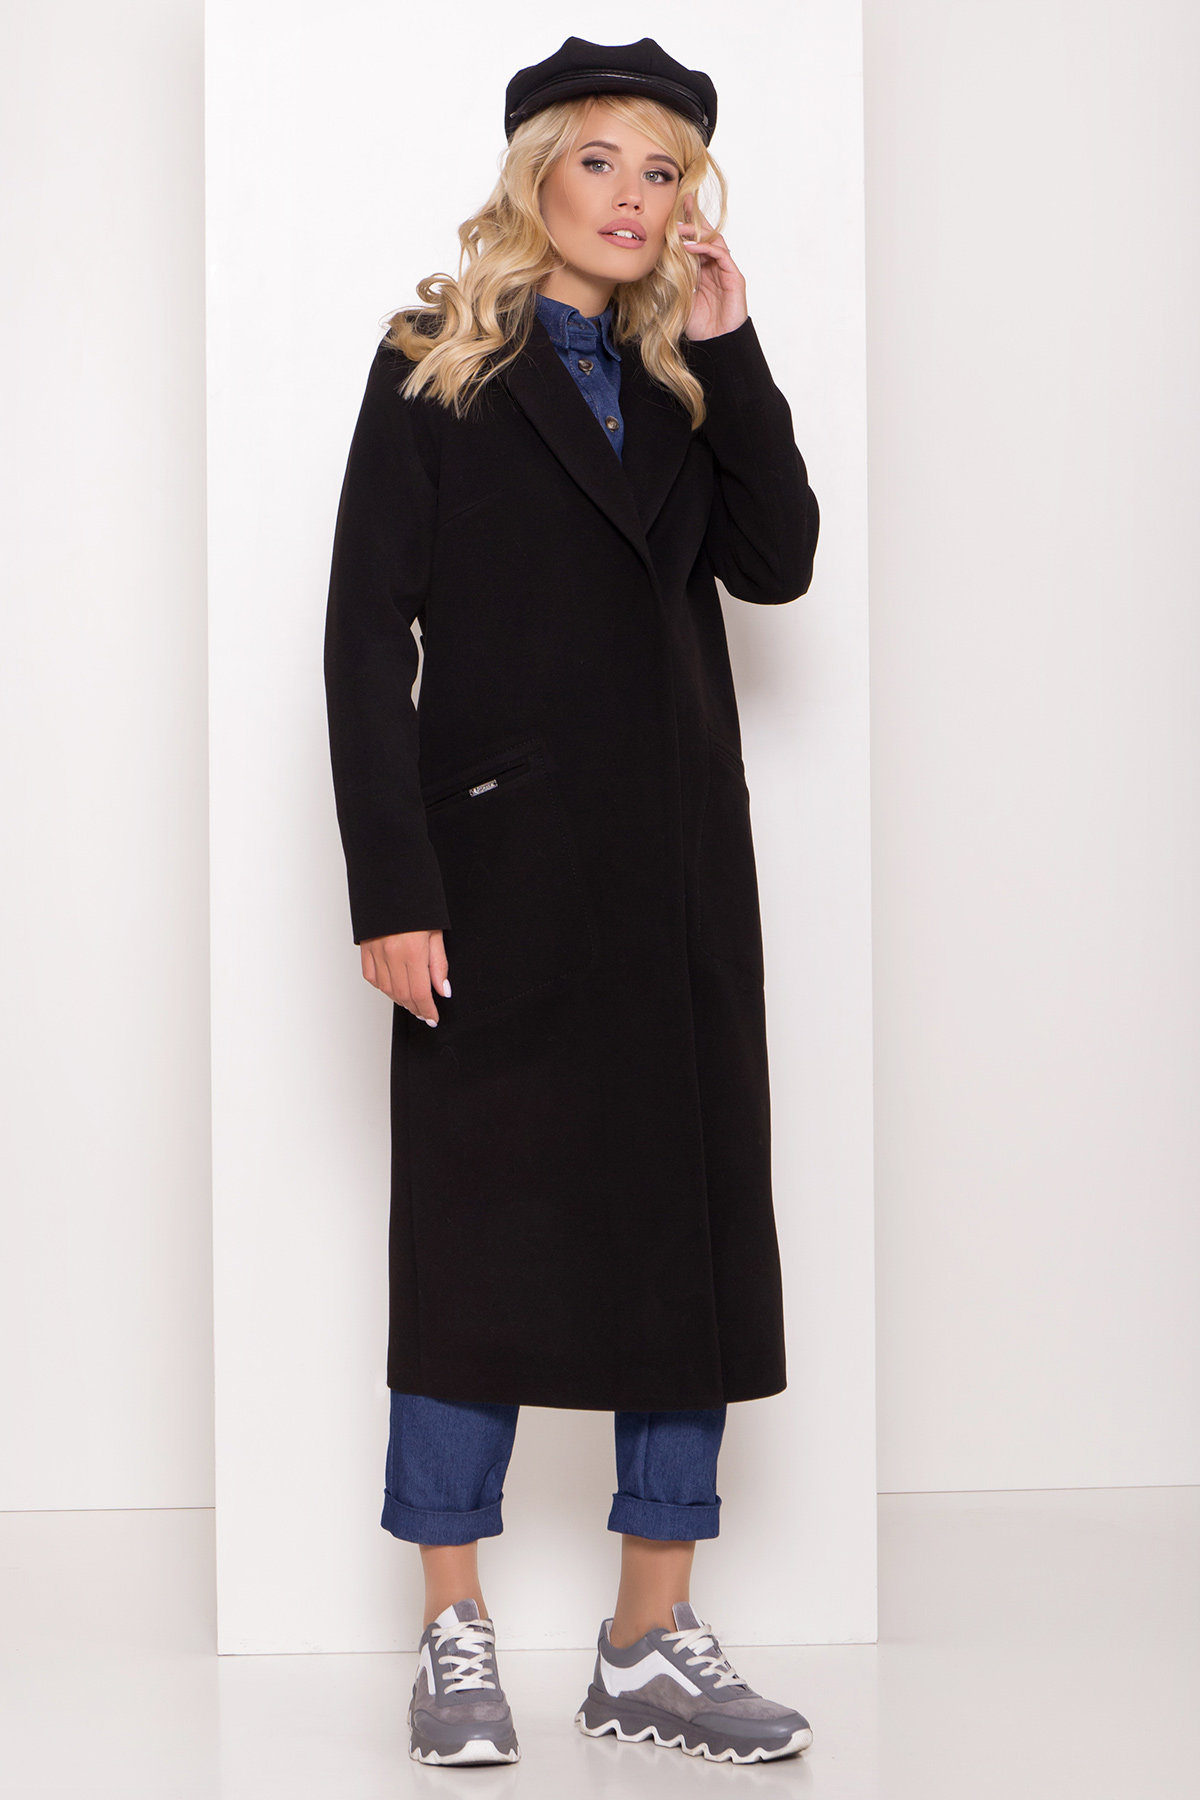 Демисезонного пальто оптом ТМ Modus Длинное демисезонное пальто Ждана лайт 8111